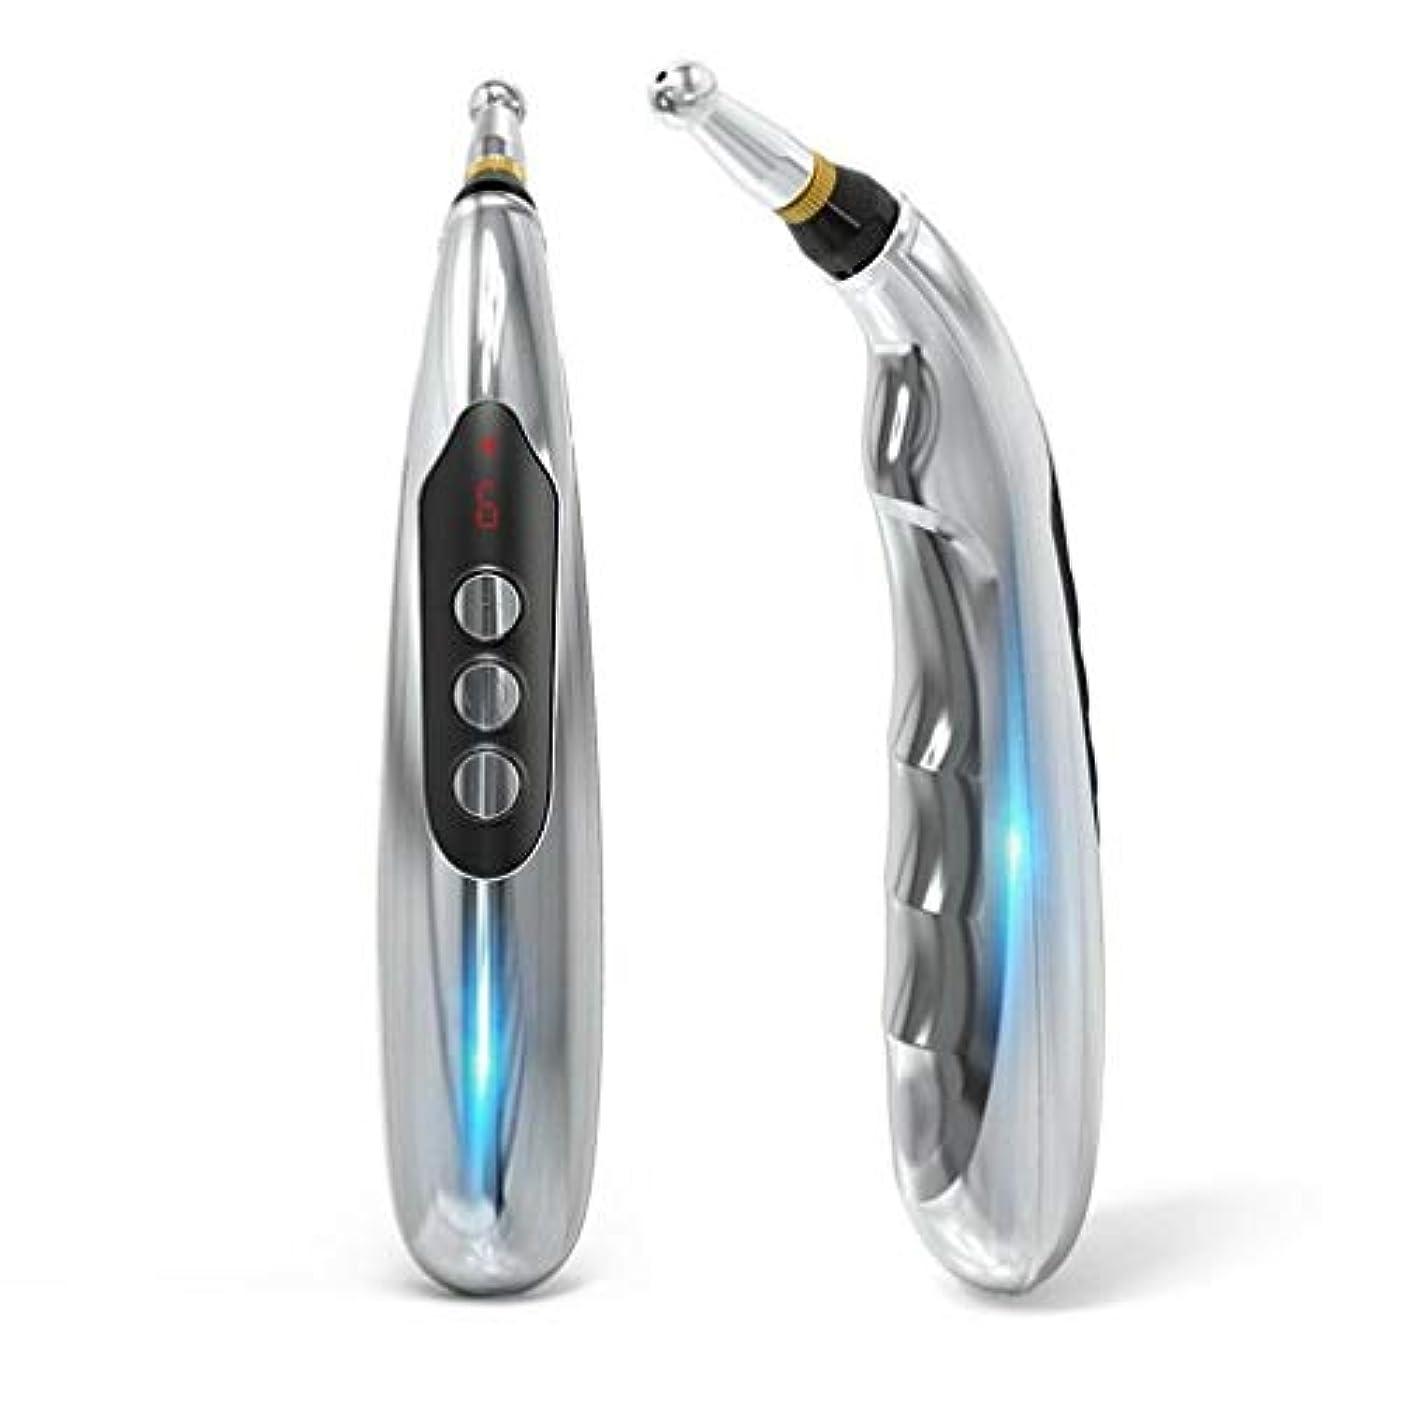 シャベル素子記念5マッサージヘッド機能エネルギー痛み治療の救済とUSB充電式エネルギー鍼ペン。